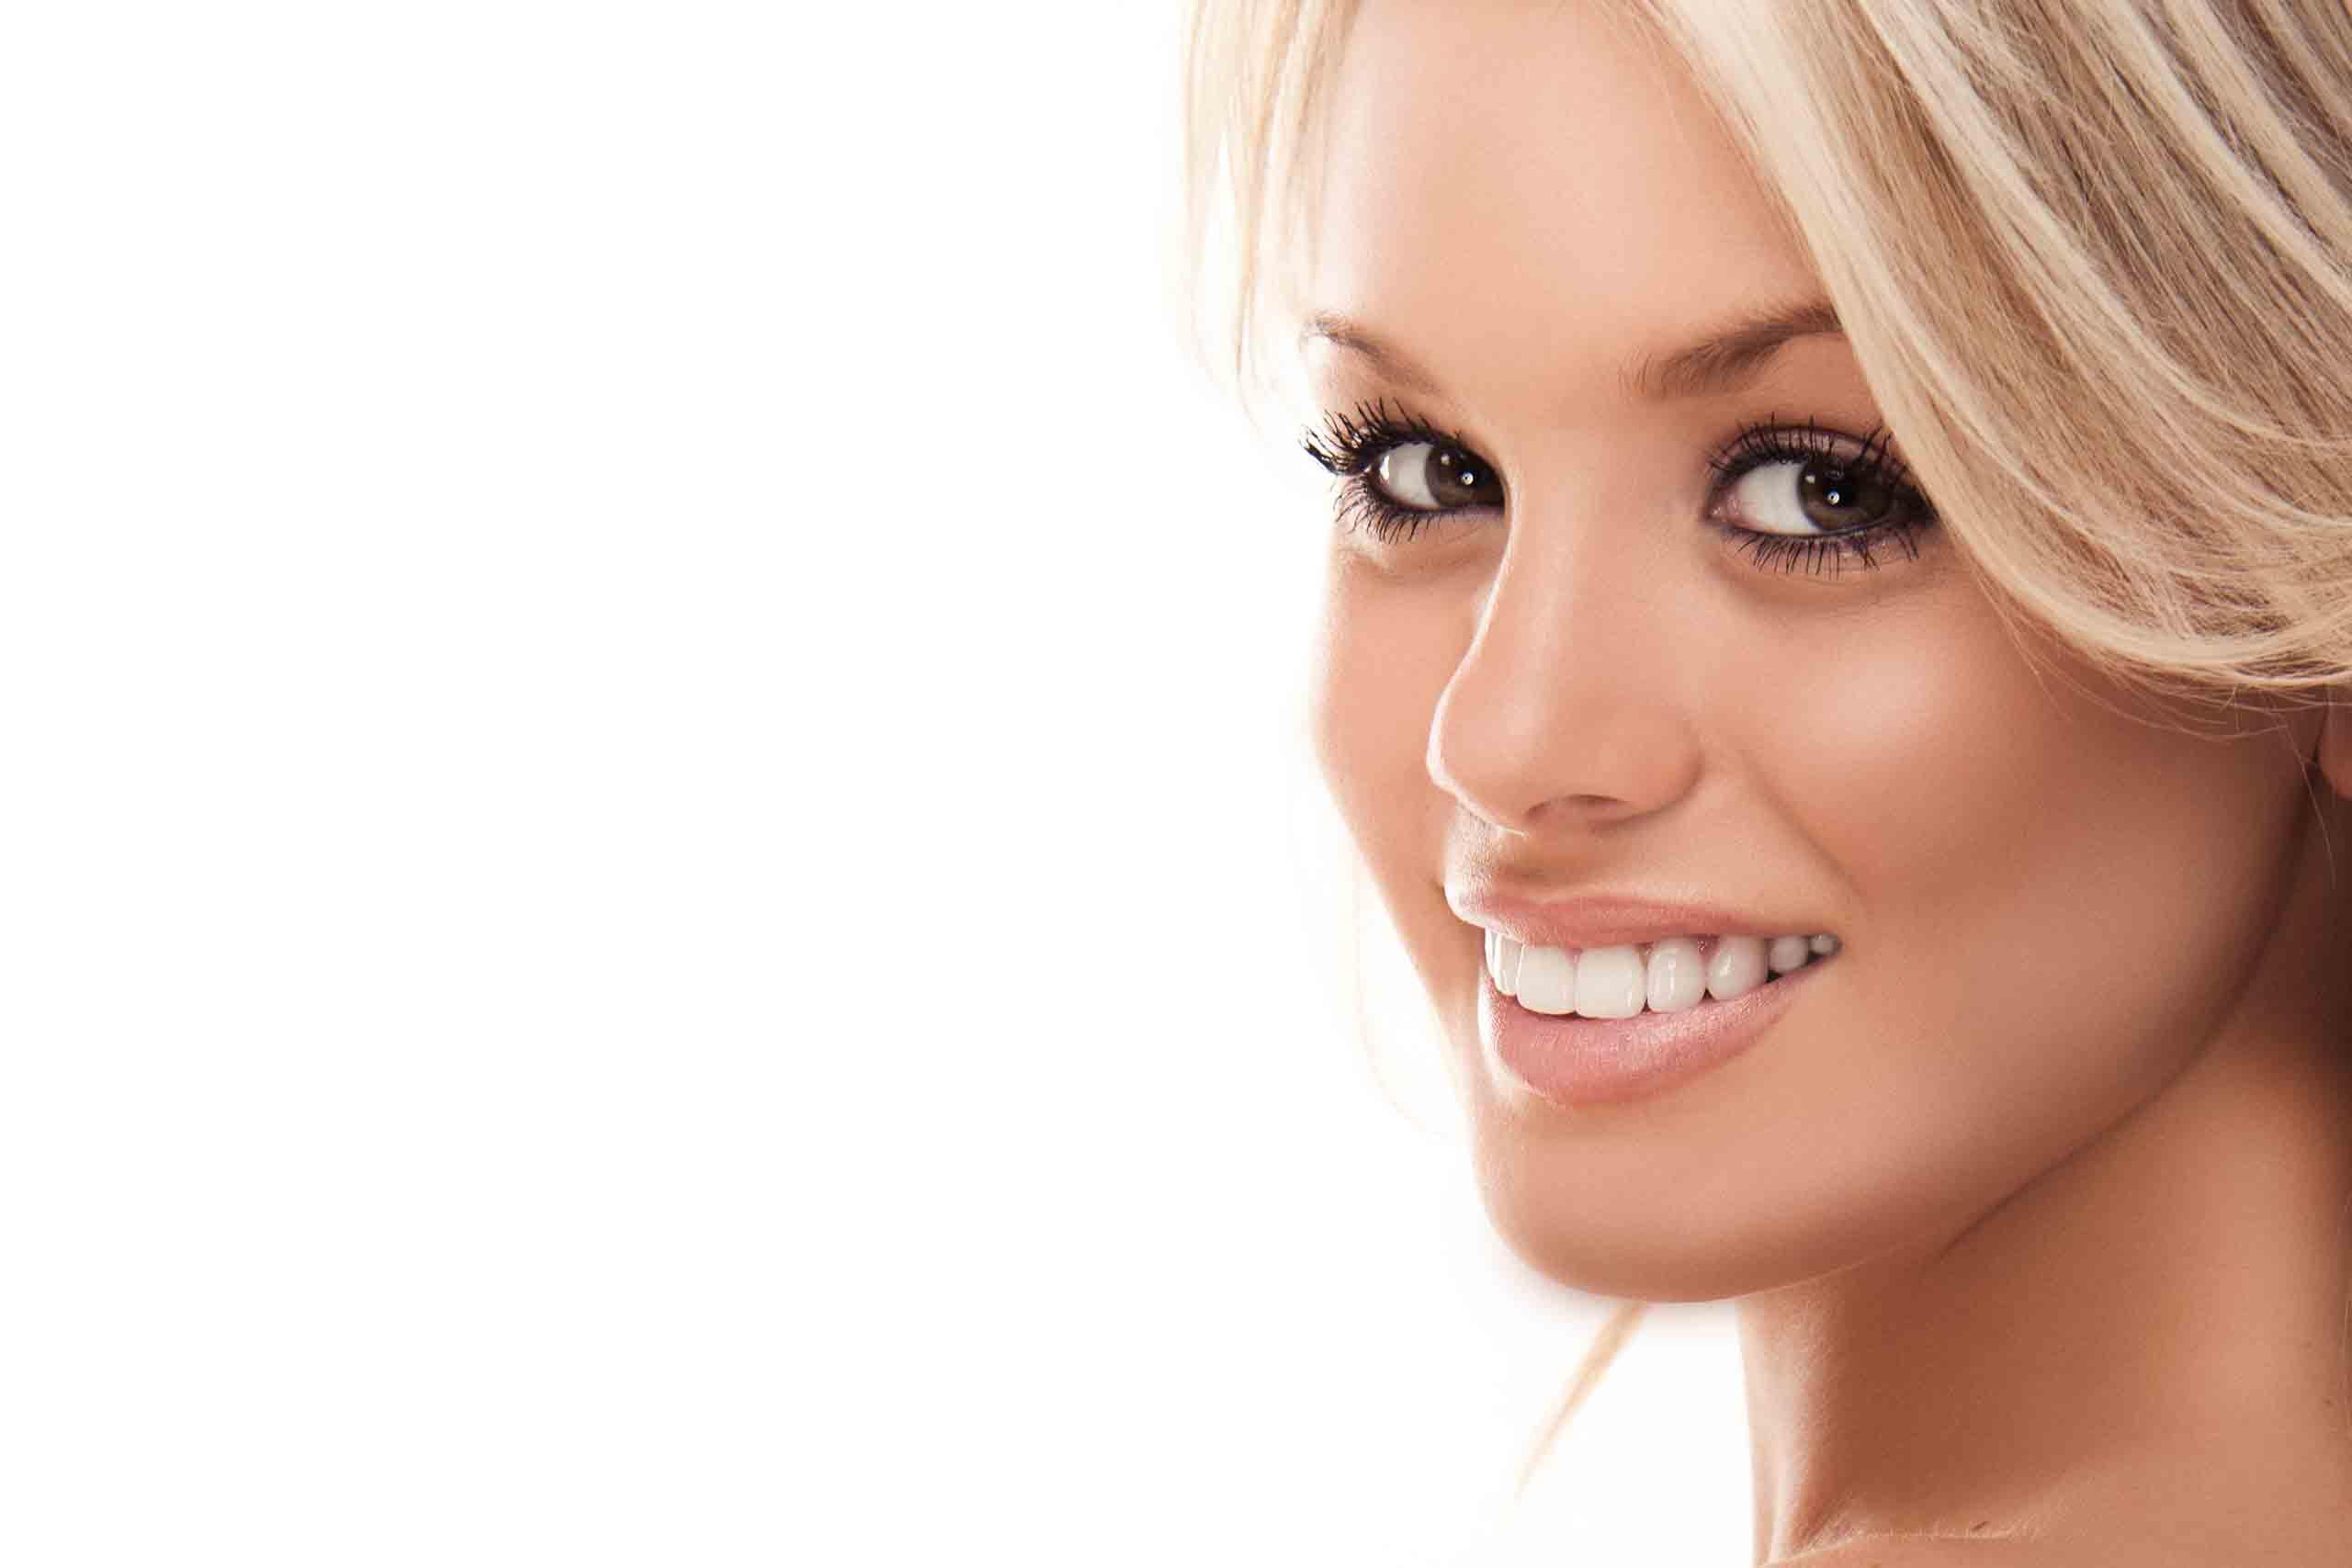 Dentisterie Esthetique / Esthetic Dentistry